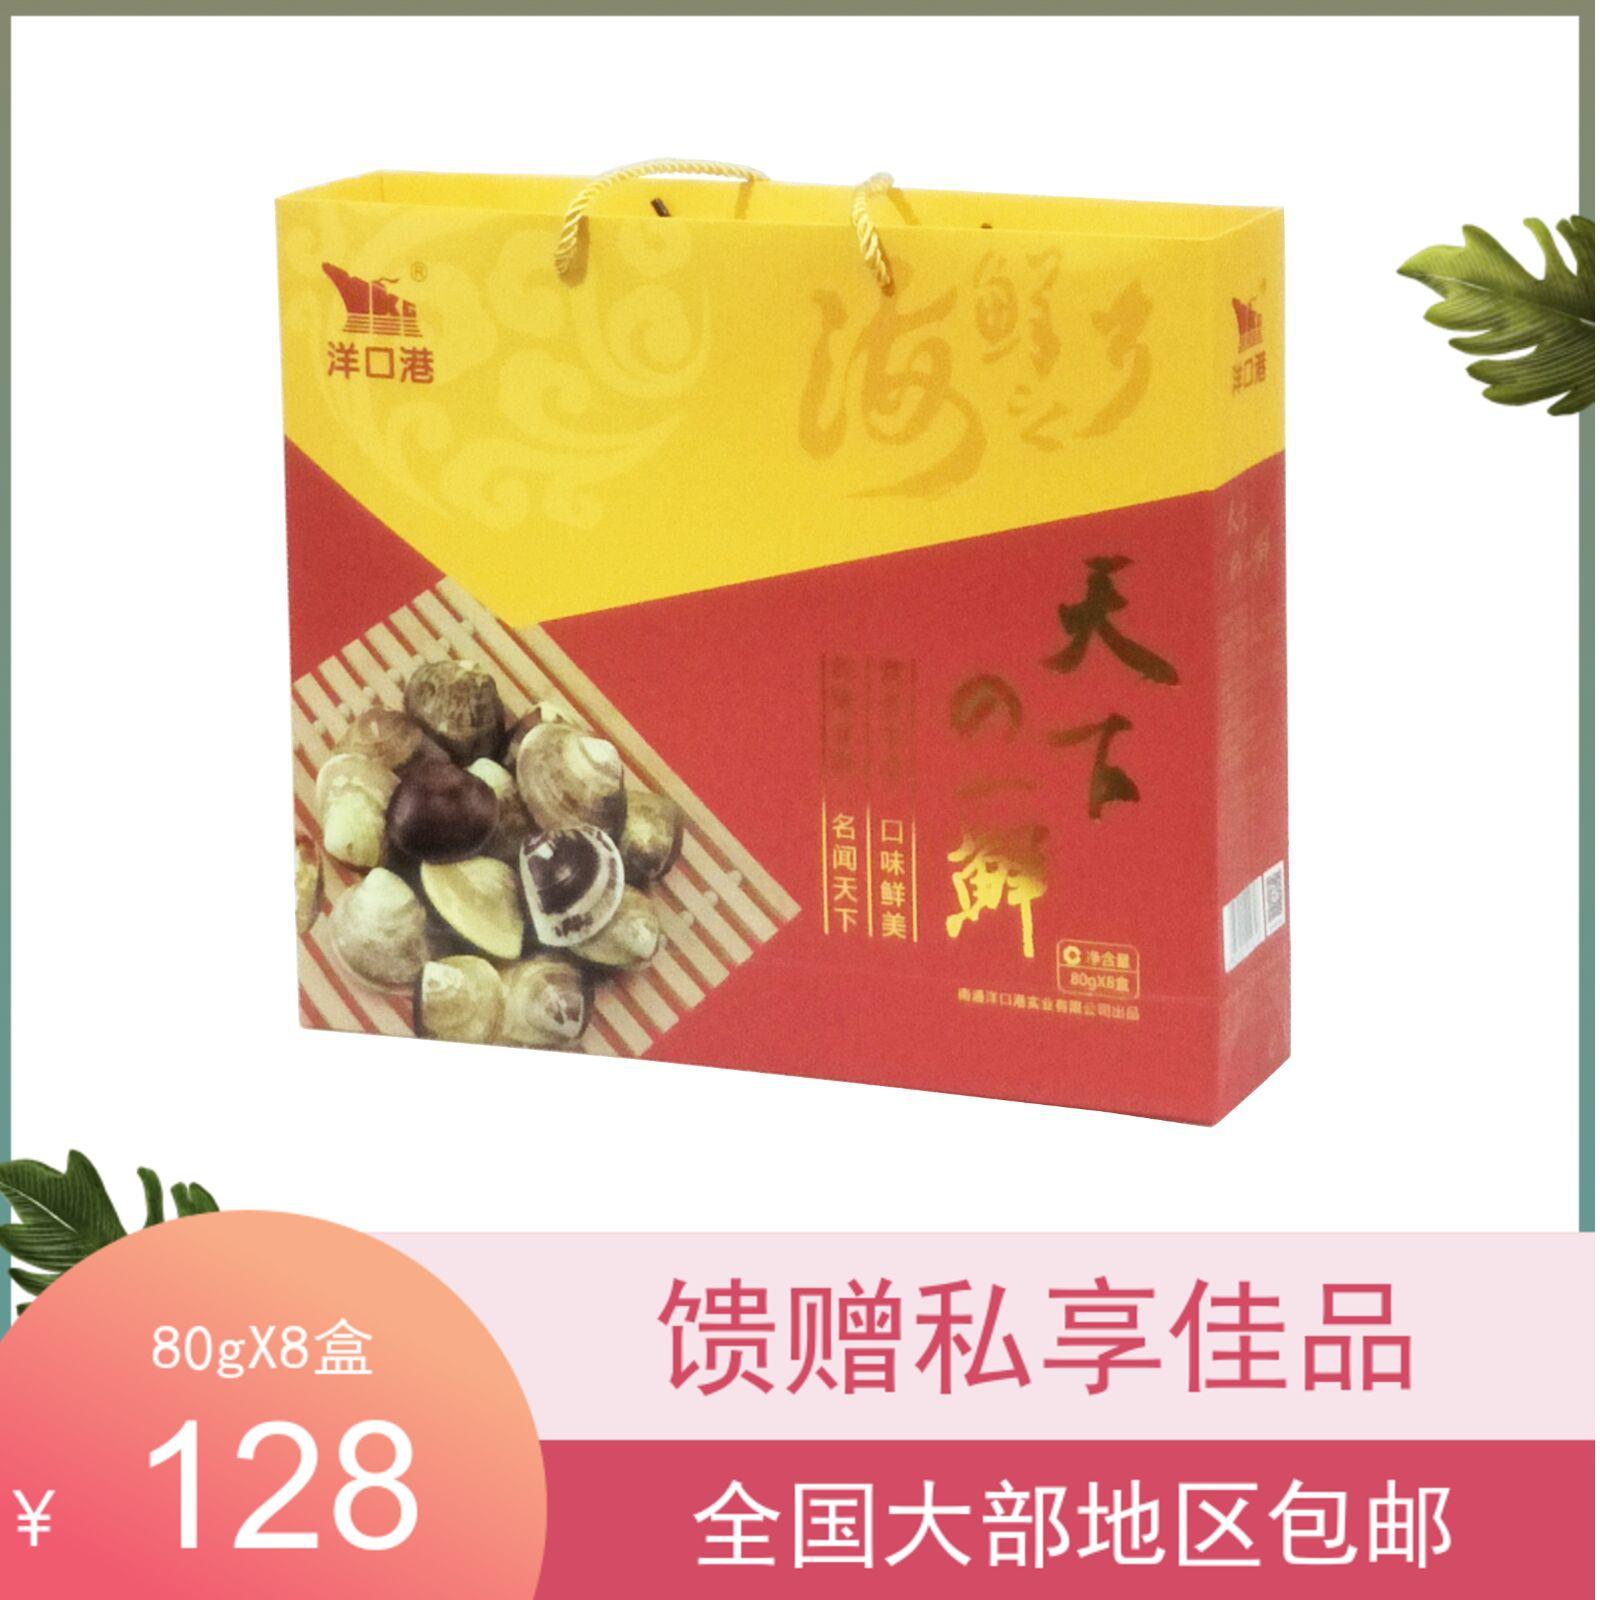 南通如东特产洋口港天下一鲜文蛤粉贝类精粉调味提鲜年货春节礼品